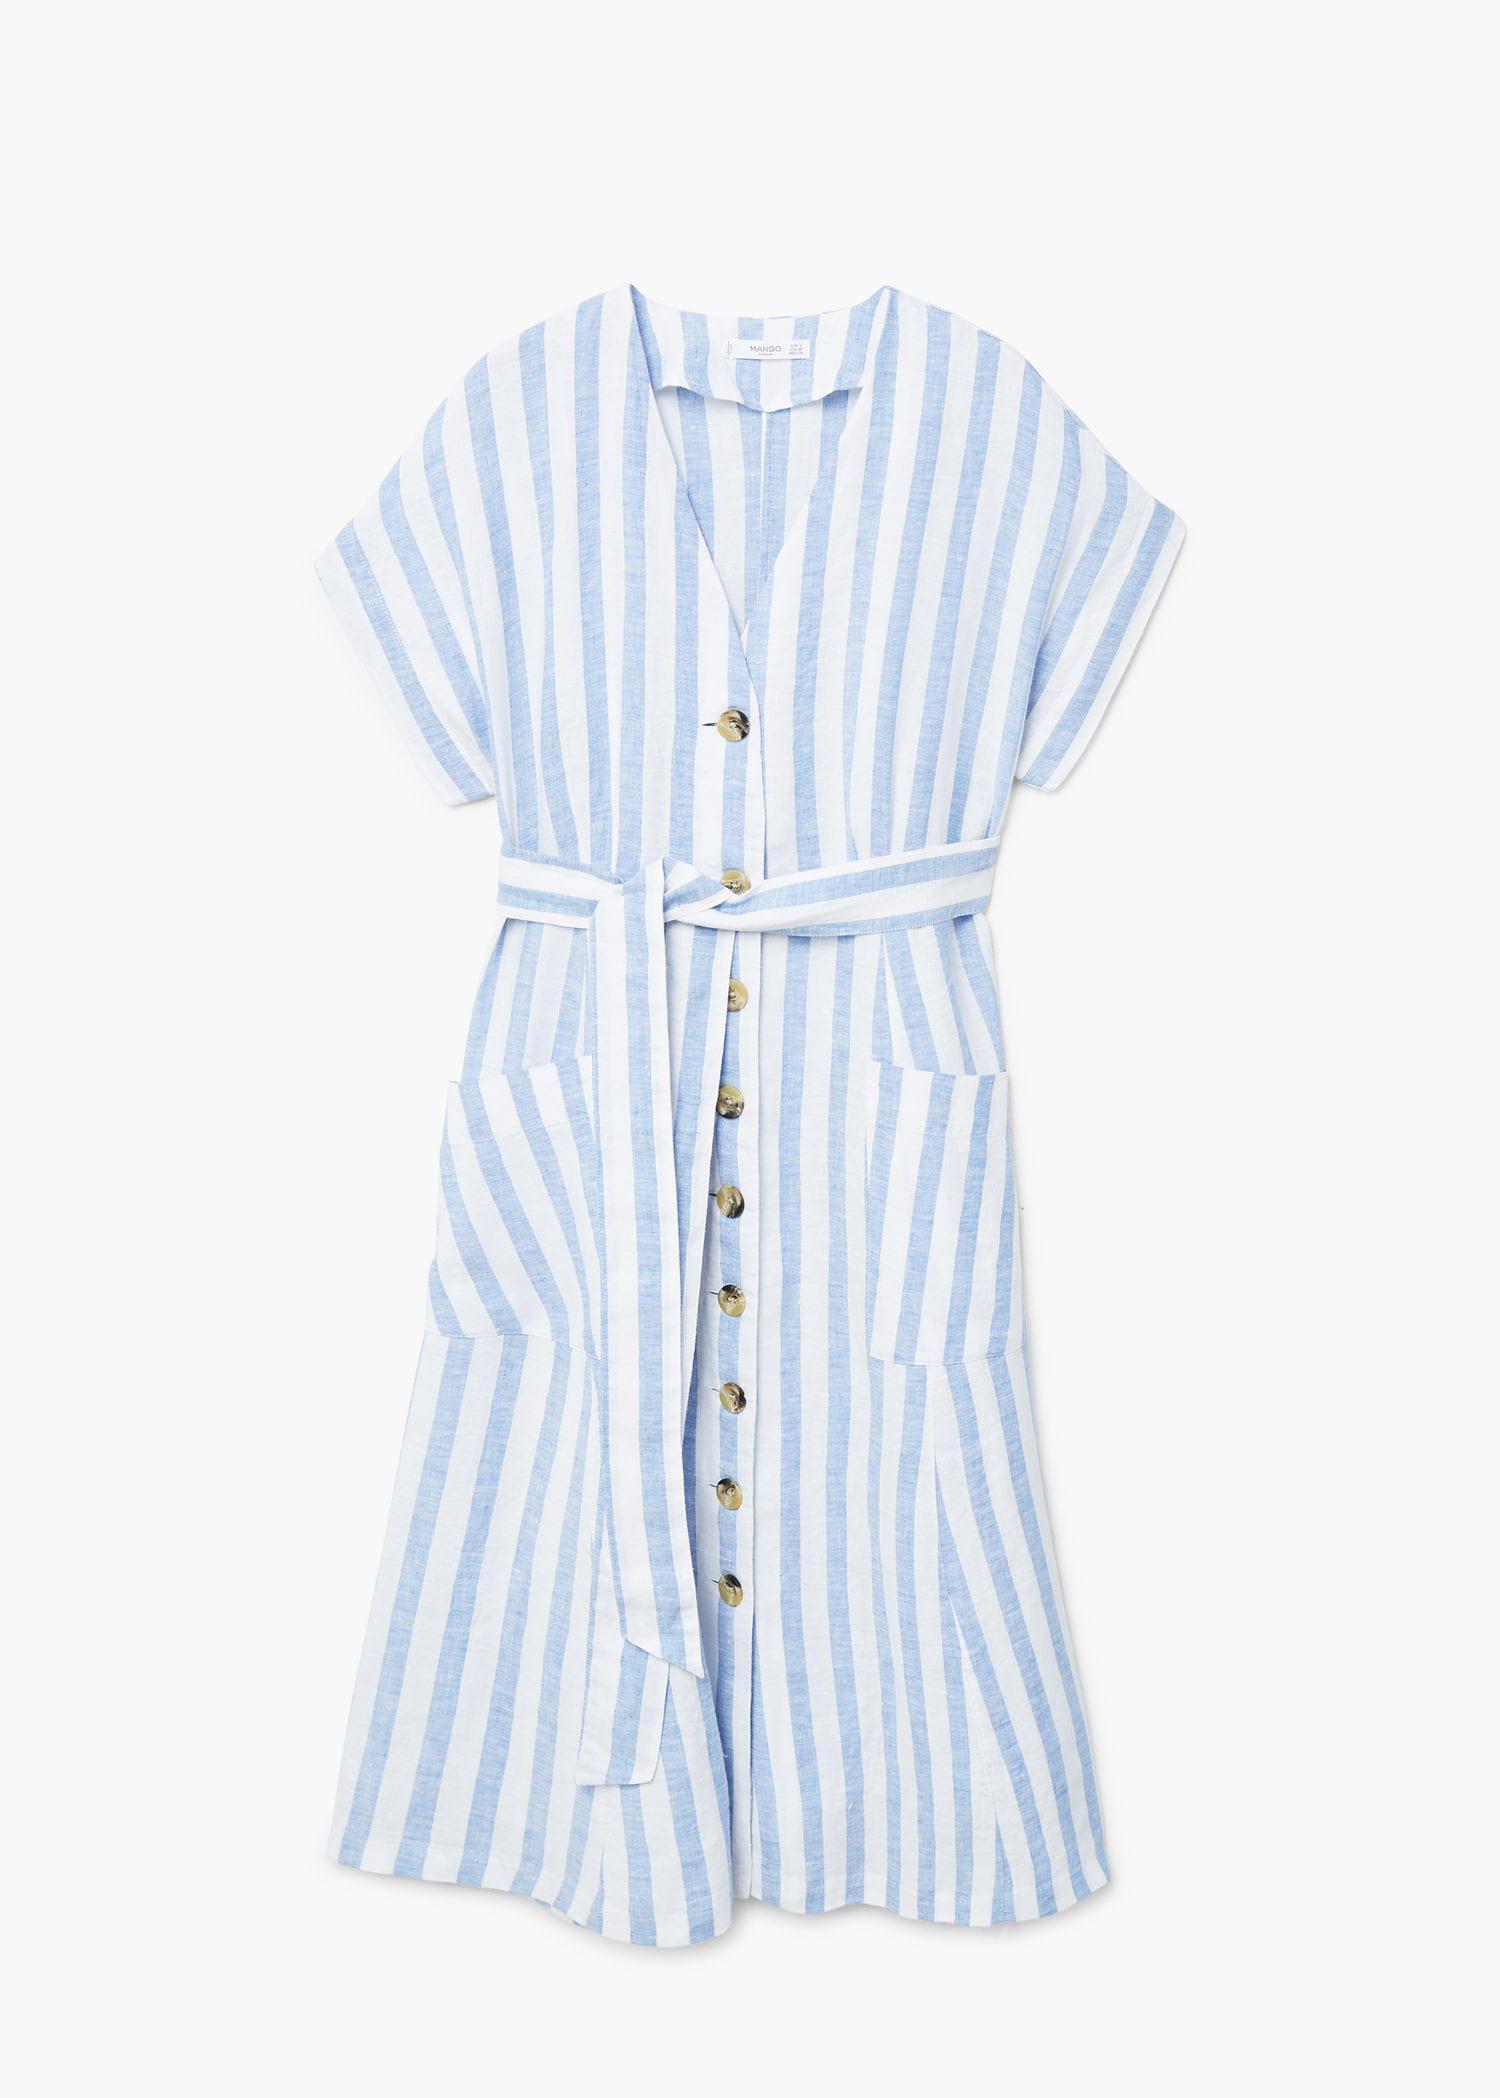 601e497ff5 Lyst - Mango Striped Linen Dress in Blue